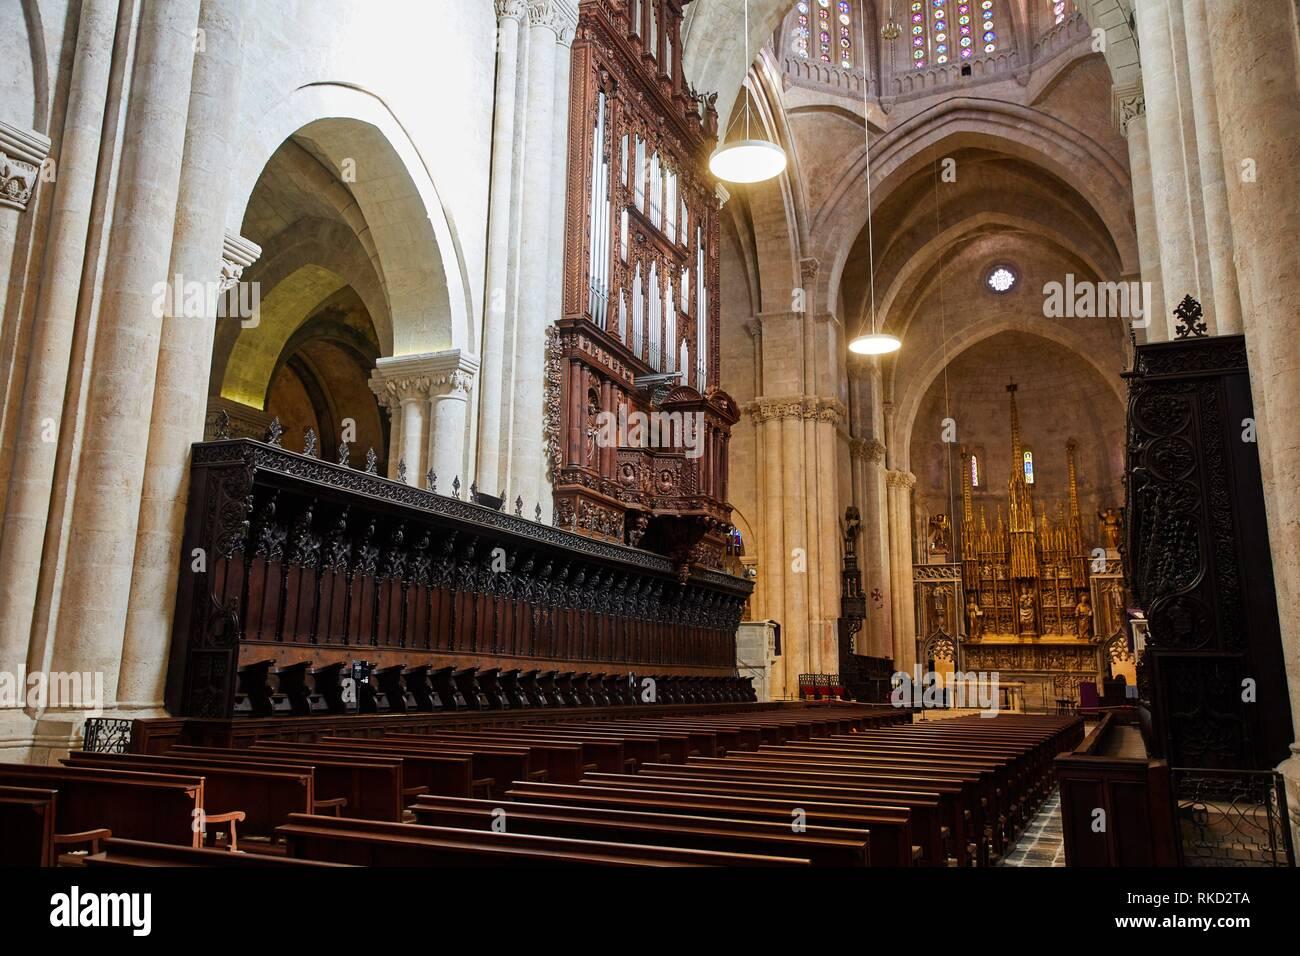 El órgano, el coro, la Catedral de la ciudad de Tarragona, en Cataluña, España, Europa Imagen De Stock